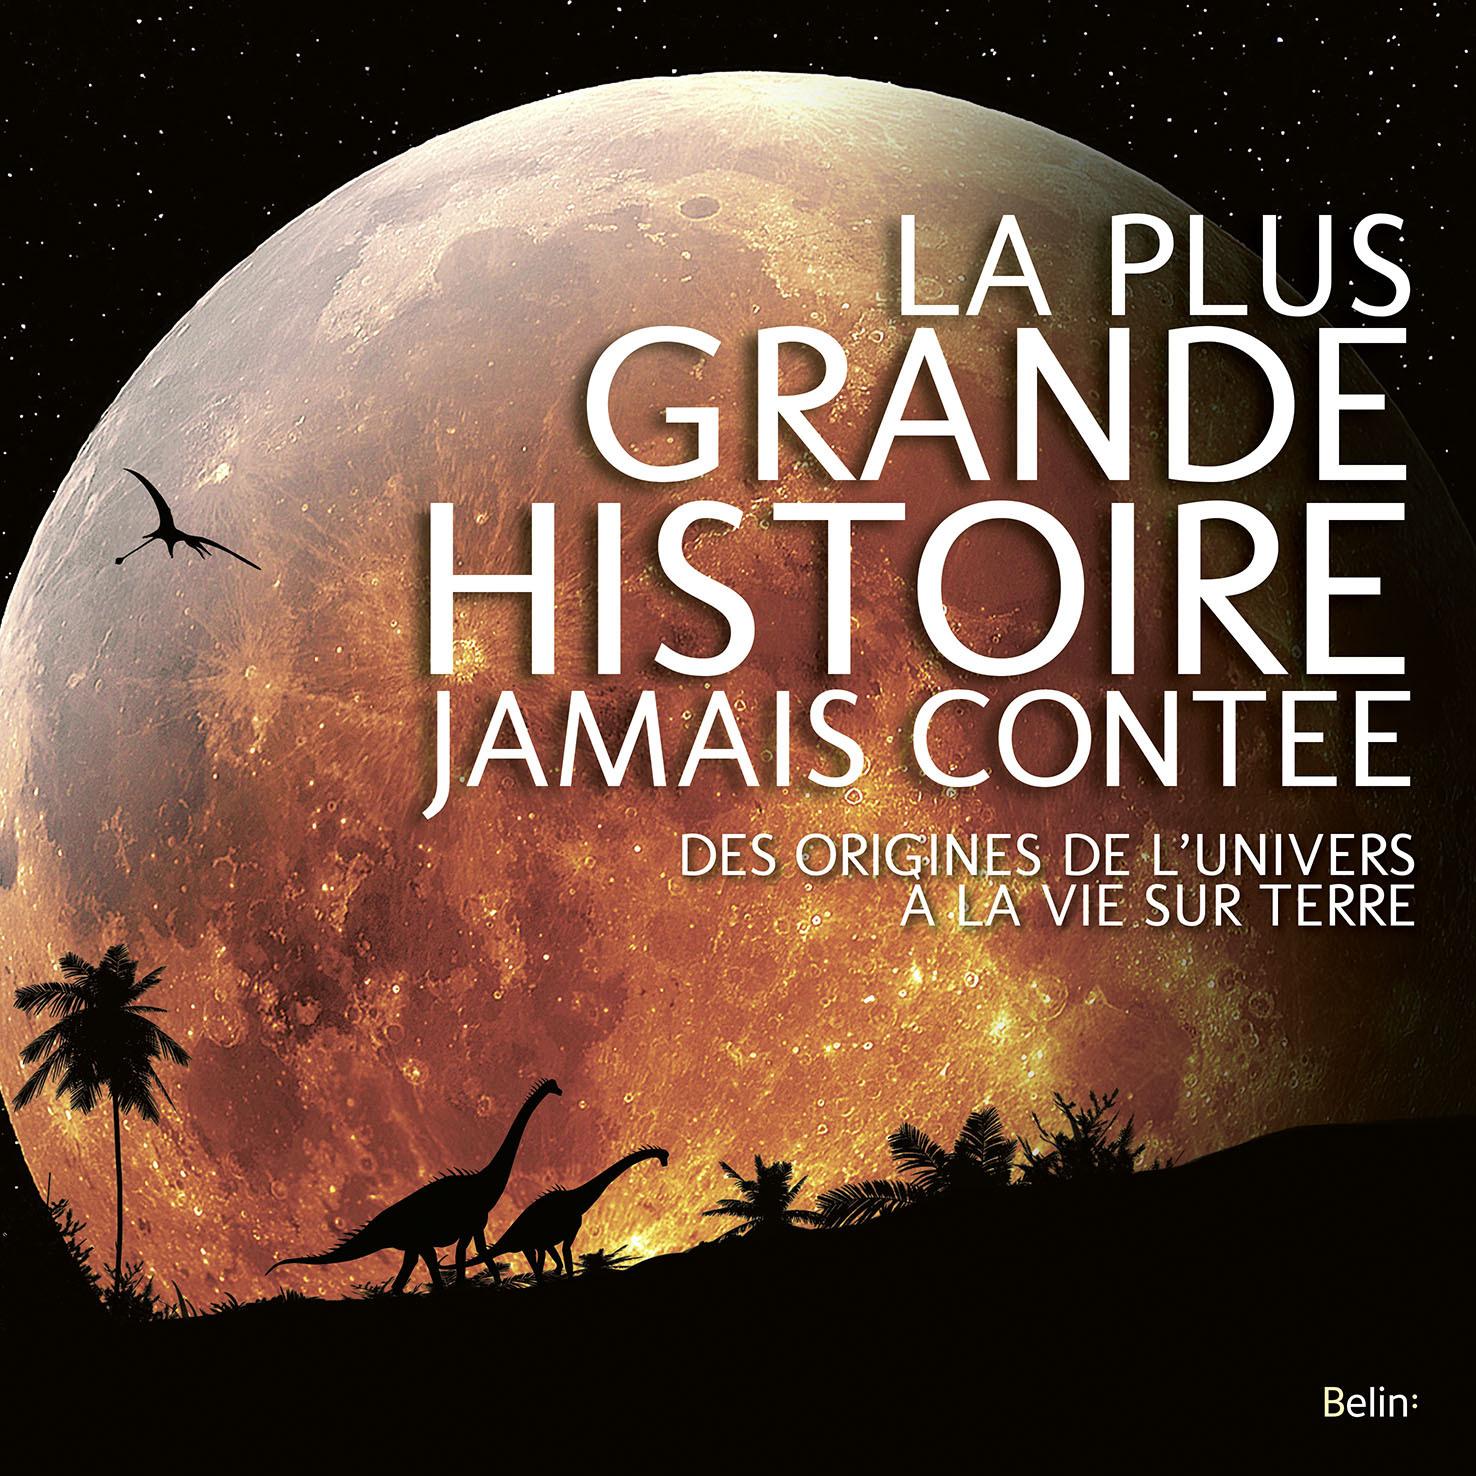 LA PLUS GRANDE HISTOIRE JAMAIS CONTEE - DES ORIGINES DE L'UNIVERS A LA VIE SUR TERRE